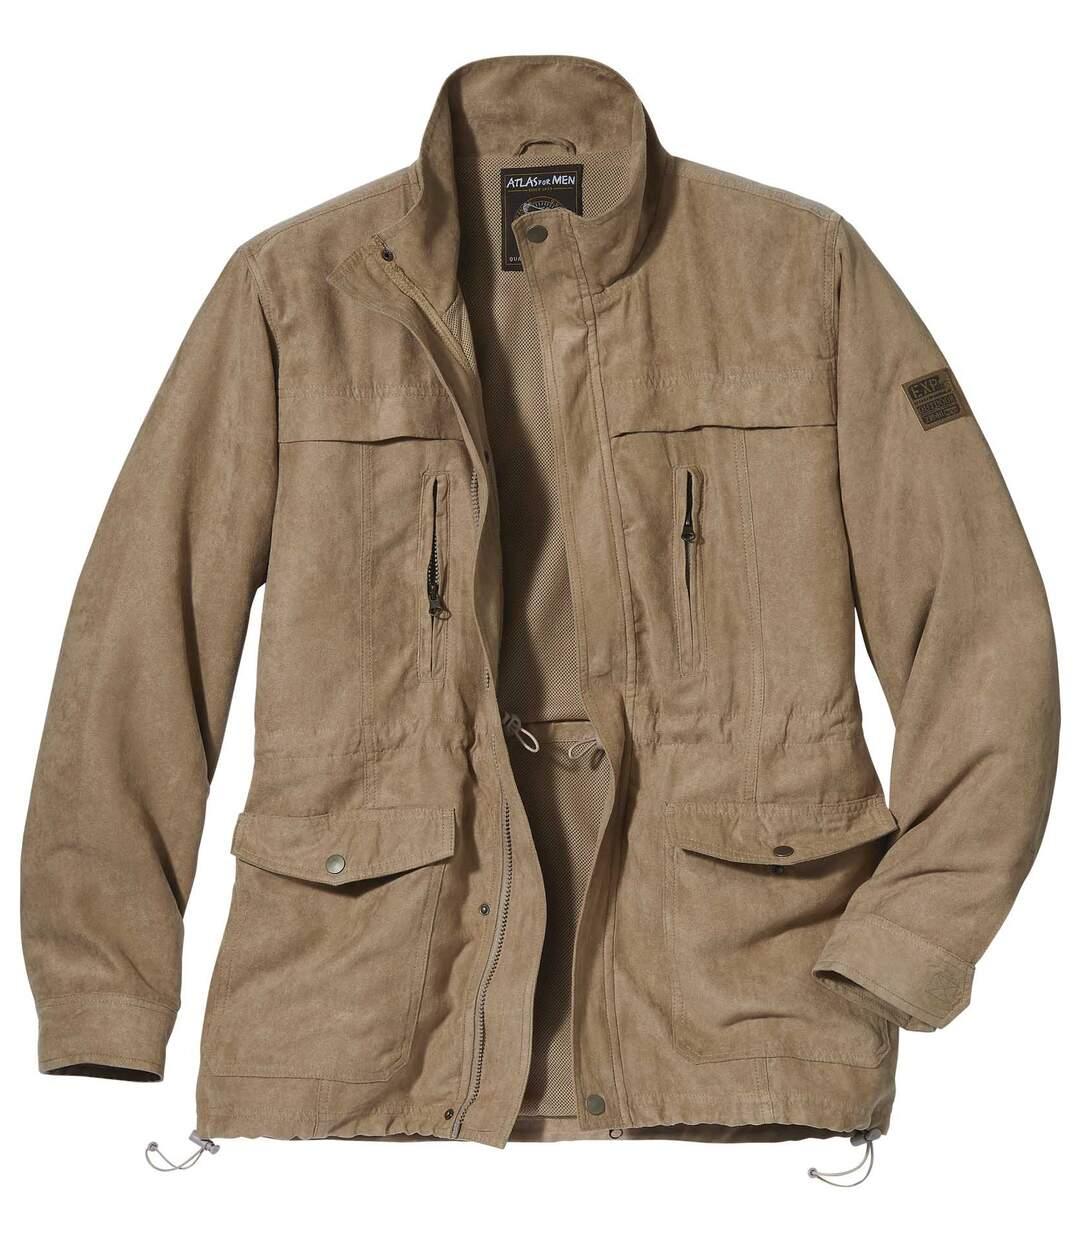 Safari-Jacke in Wildlederoptik mit vielen Taschen